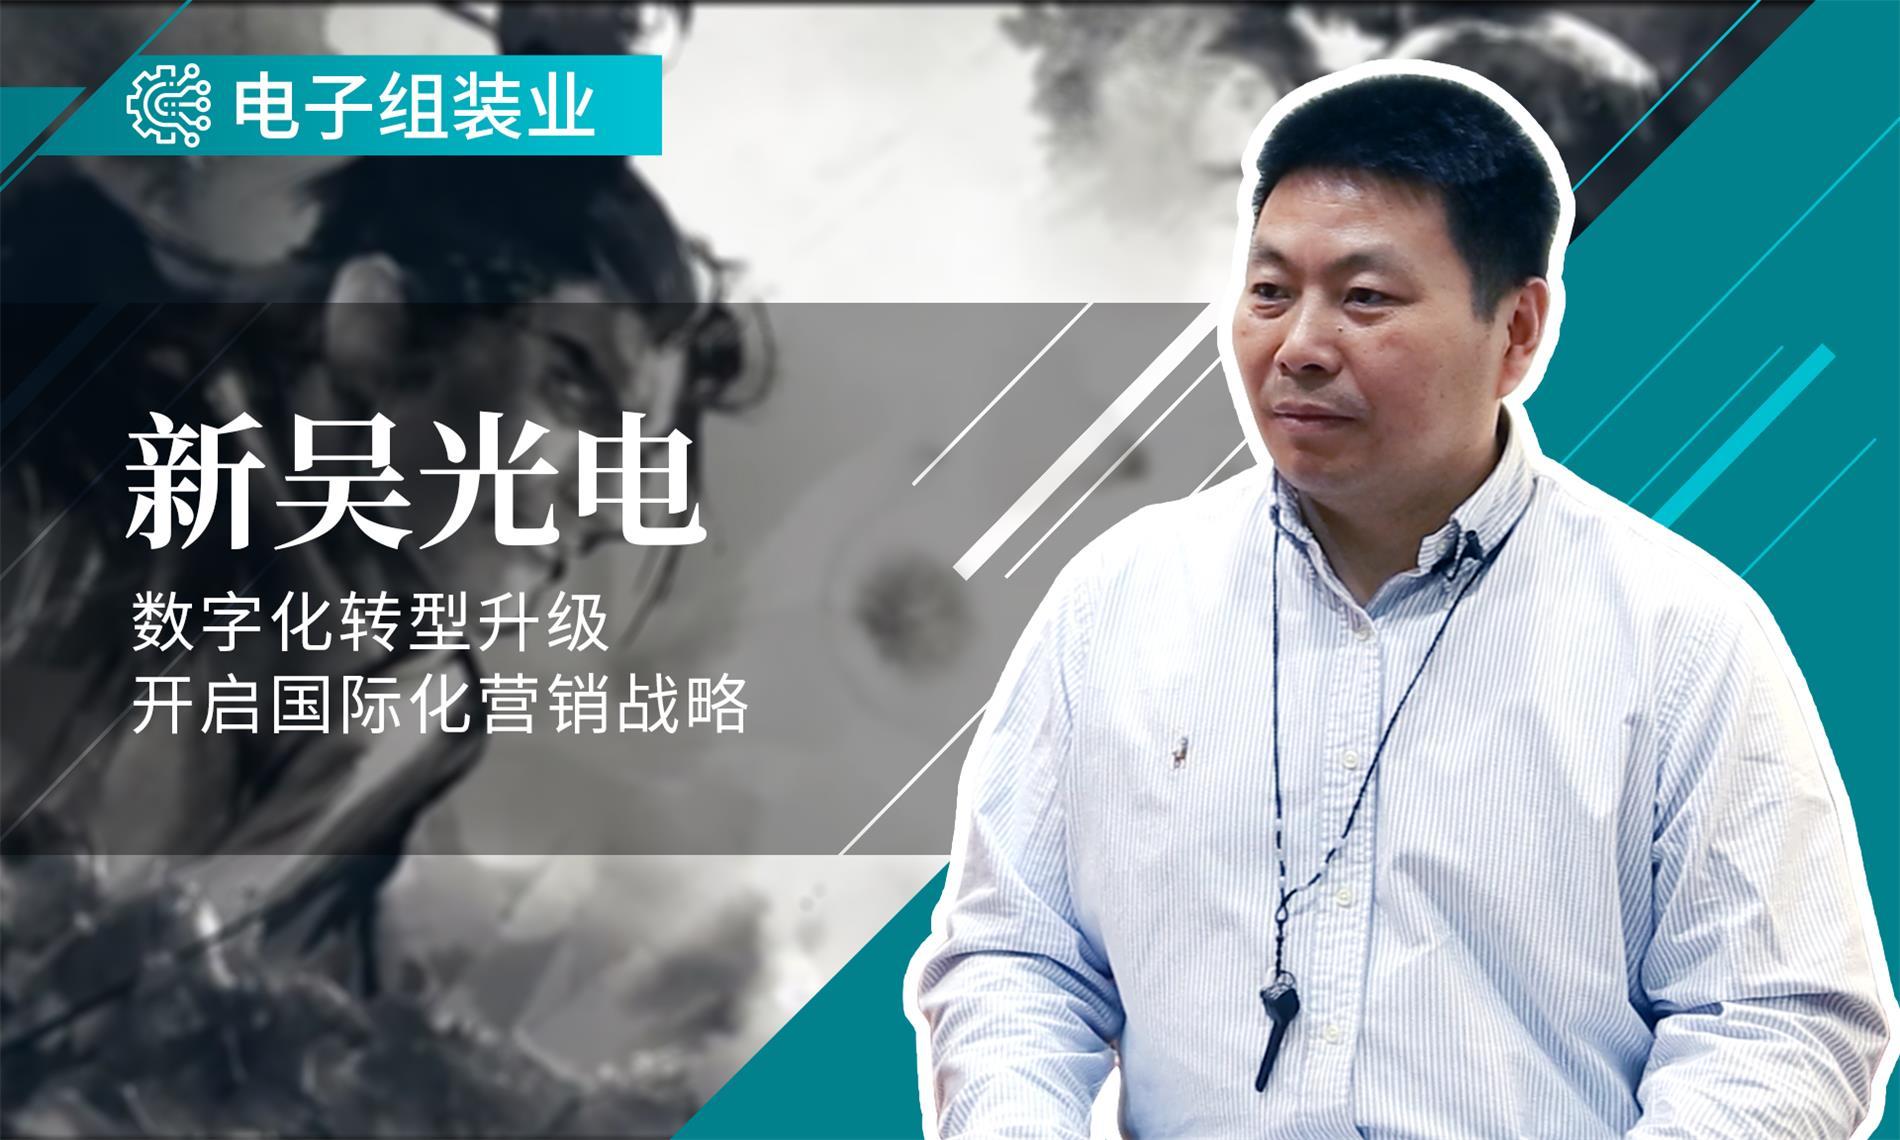 新吴光电-数字化转型升级 开启万国化经营战略